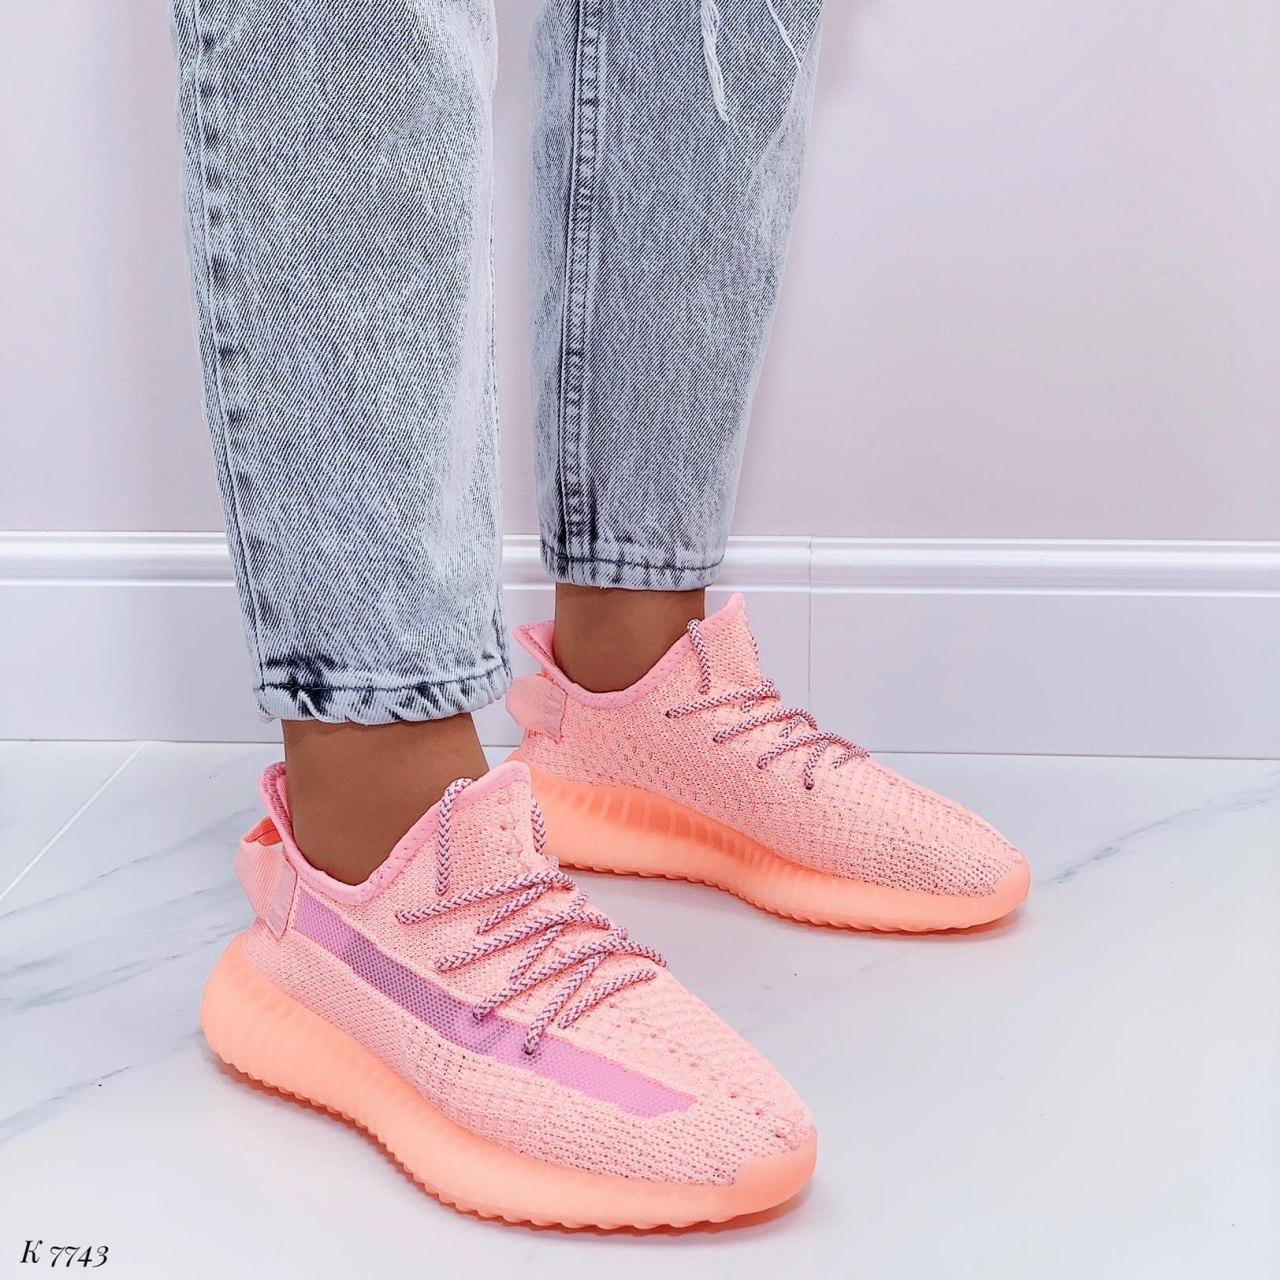 Кросівки жіночі персикові текстильні. Кросівки жіночі персикові